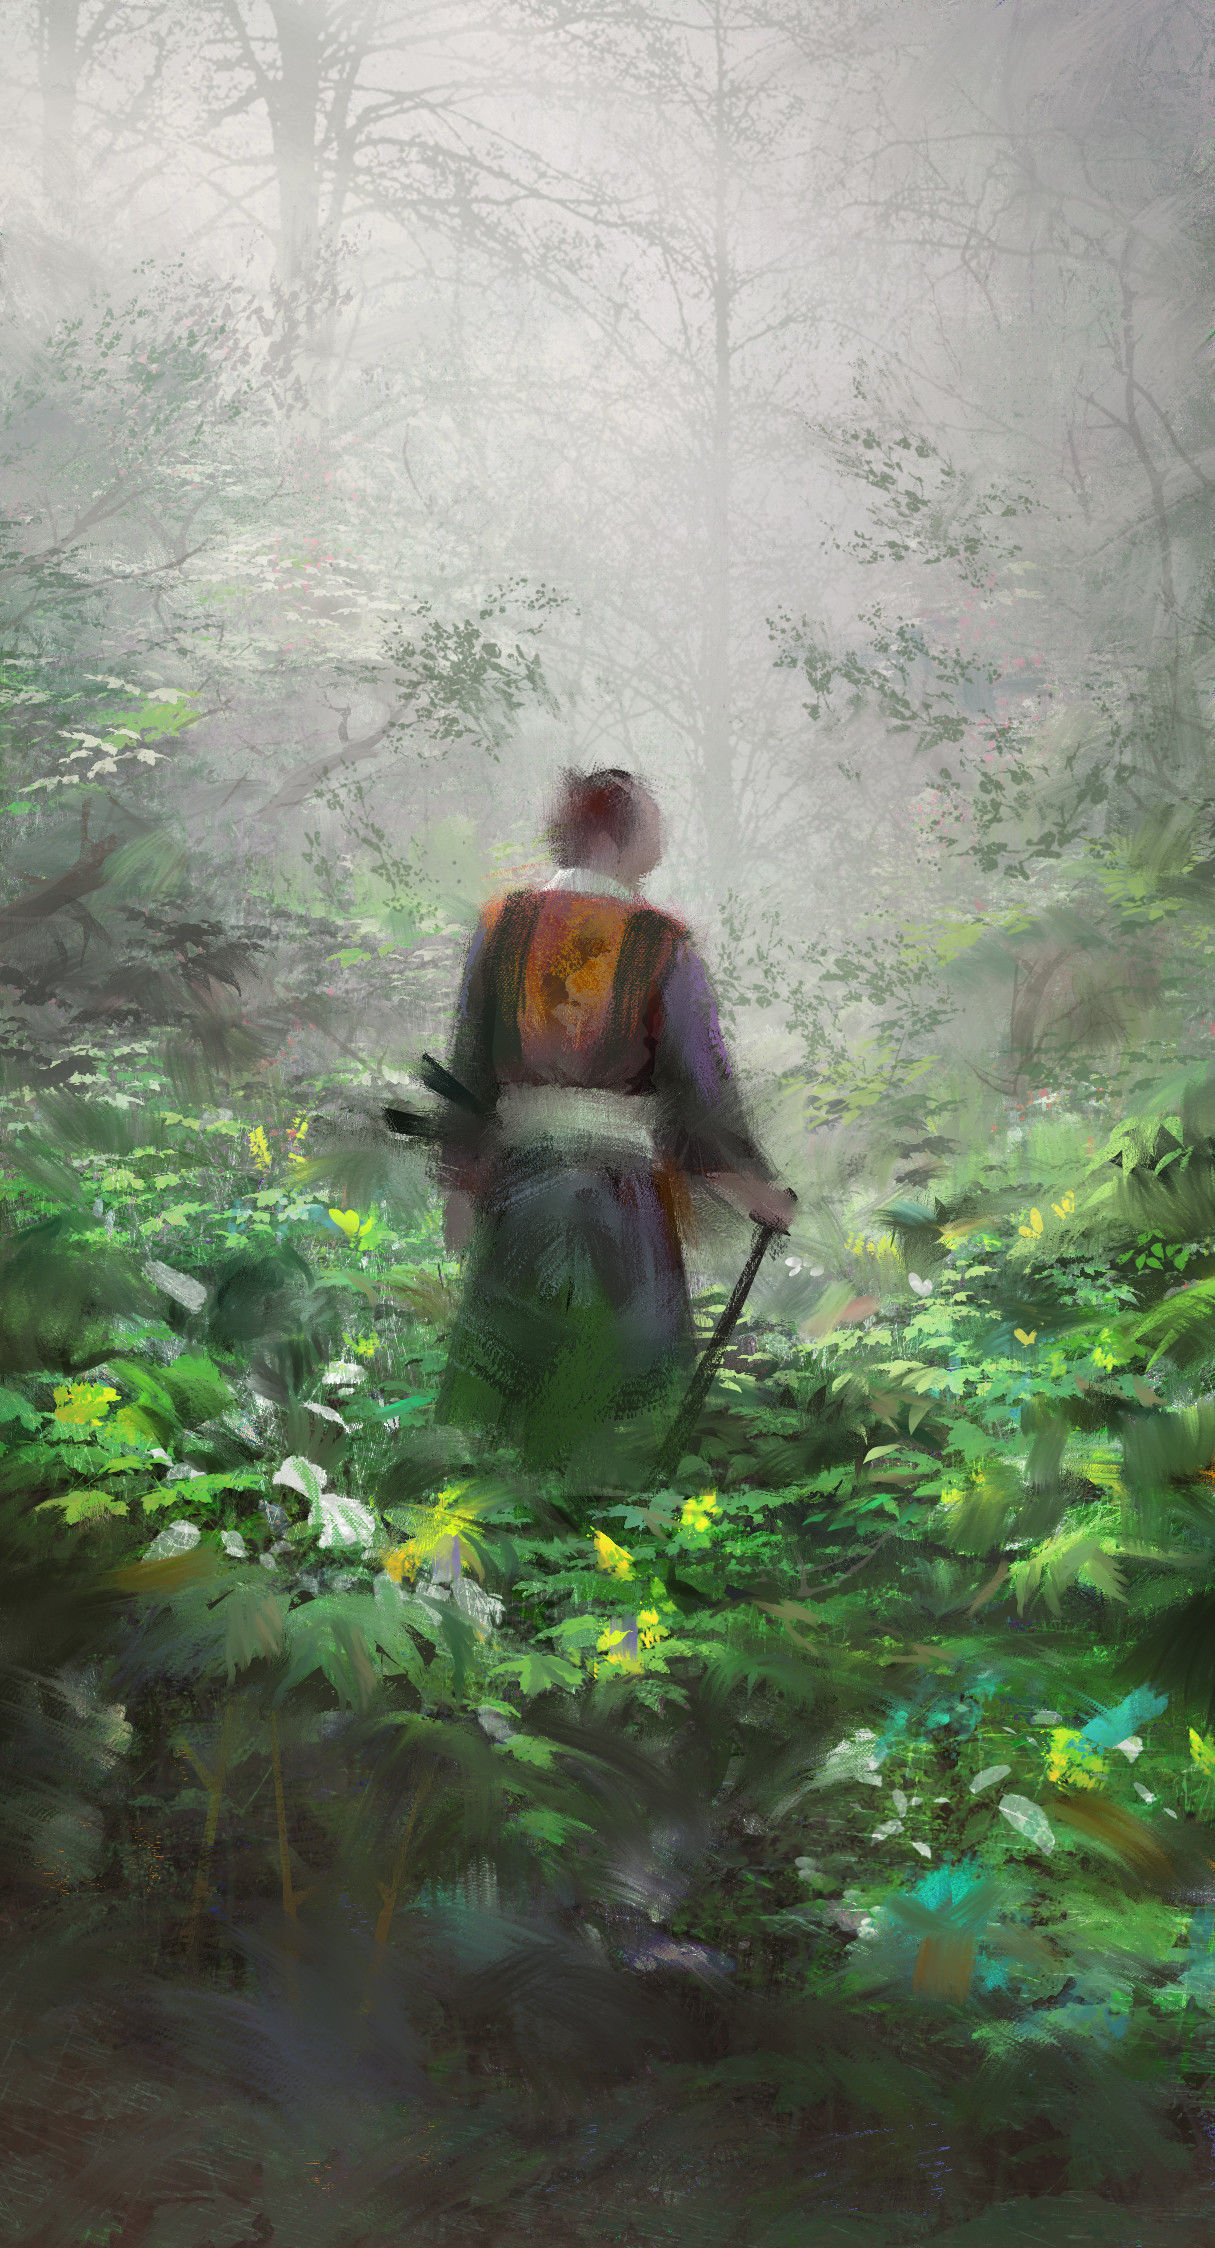 Quentin mabille samurai wip